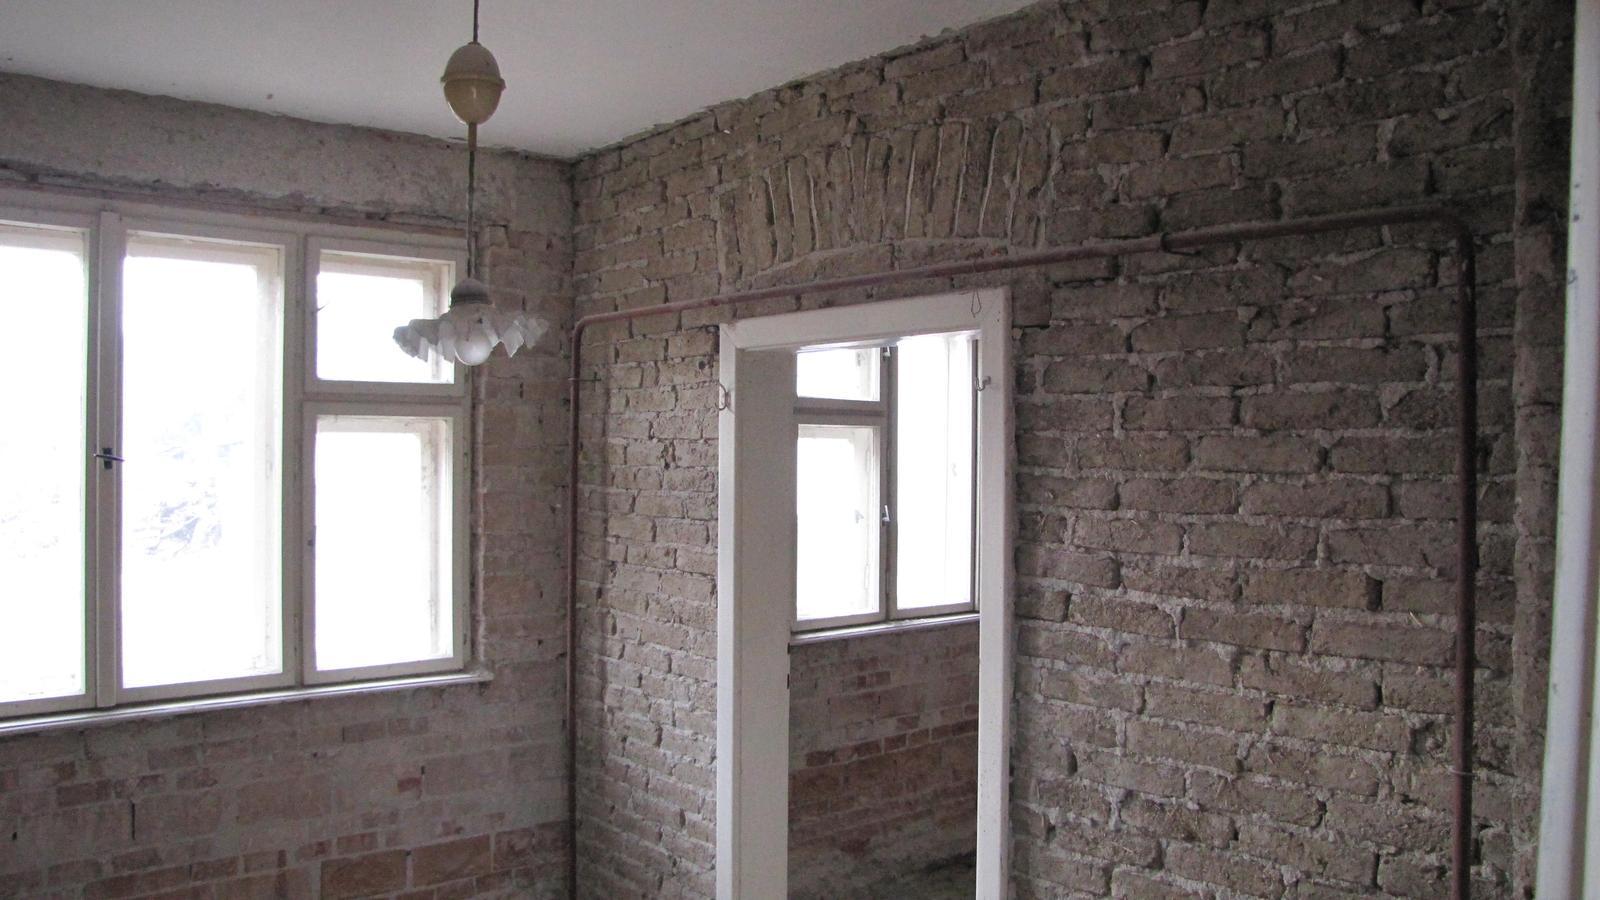 Rekonštrukcia starého domčeka - Krásna stena až mi je ľúto ju zbúrať.